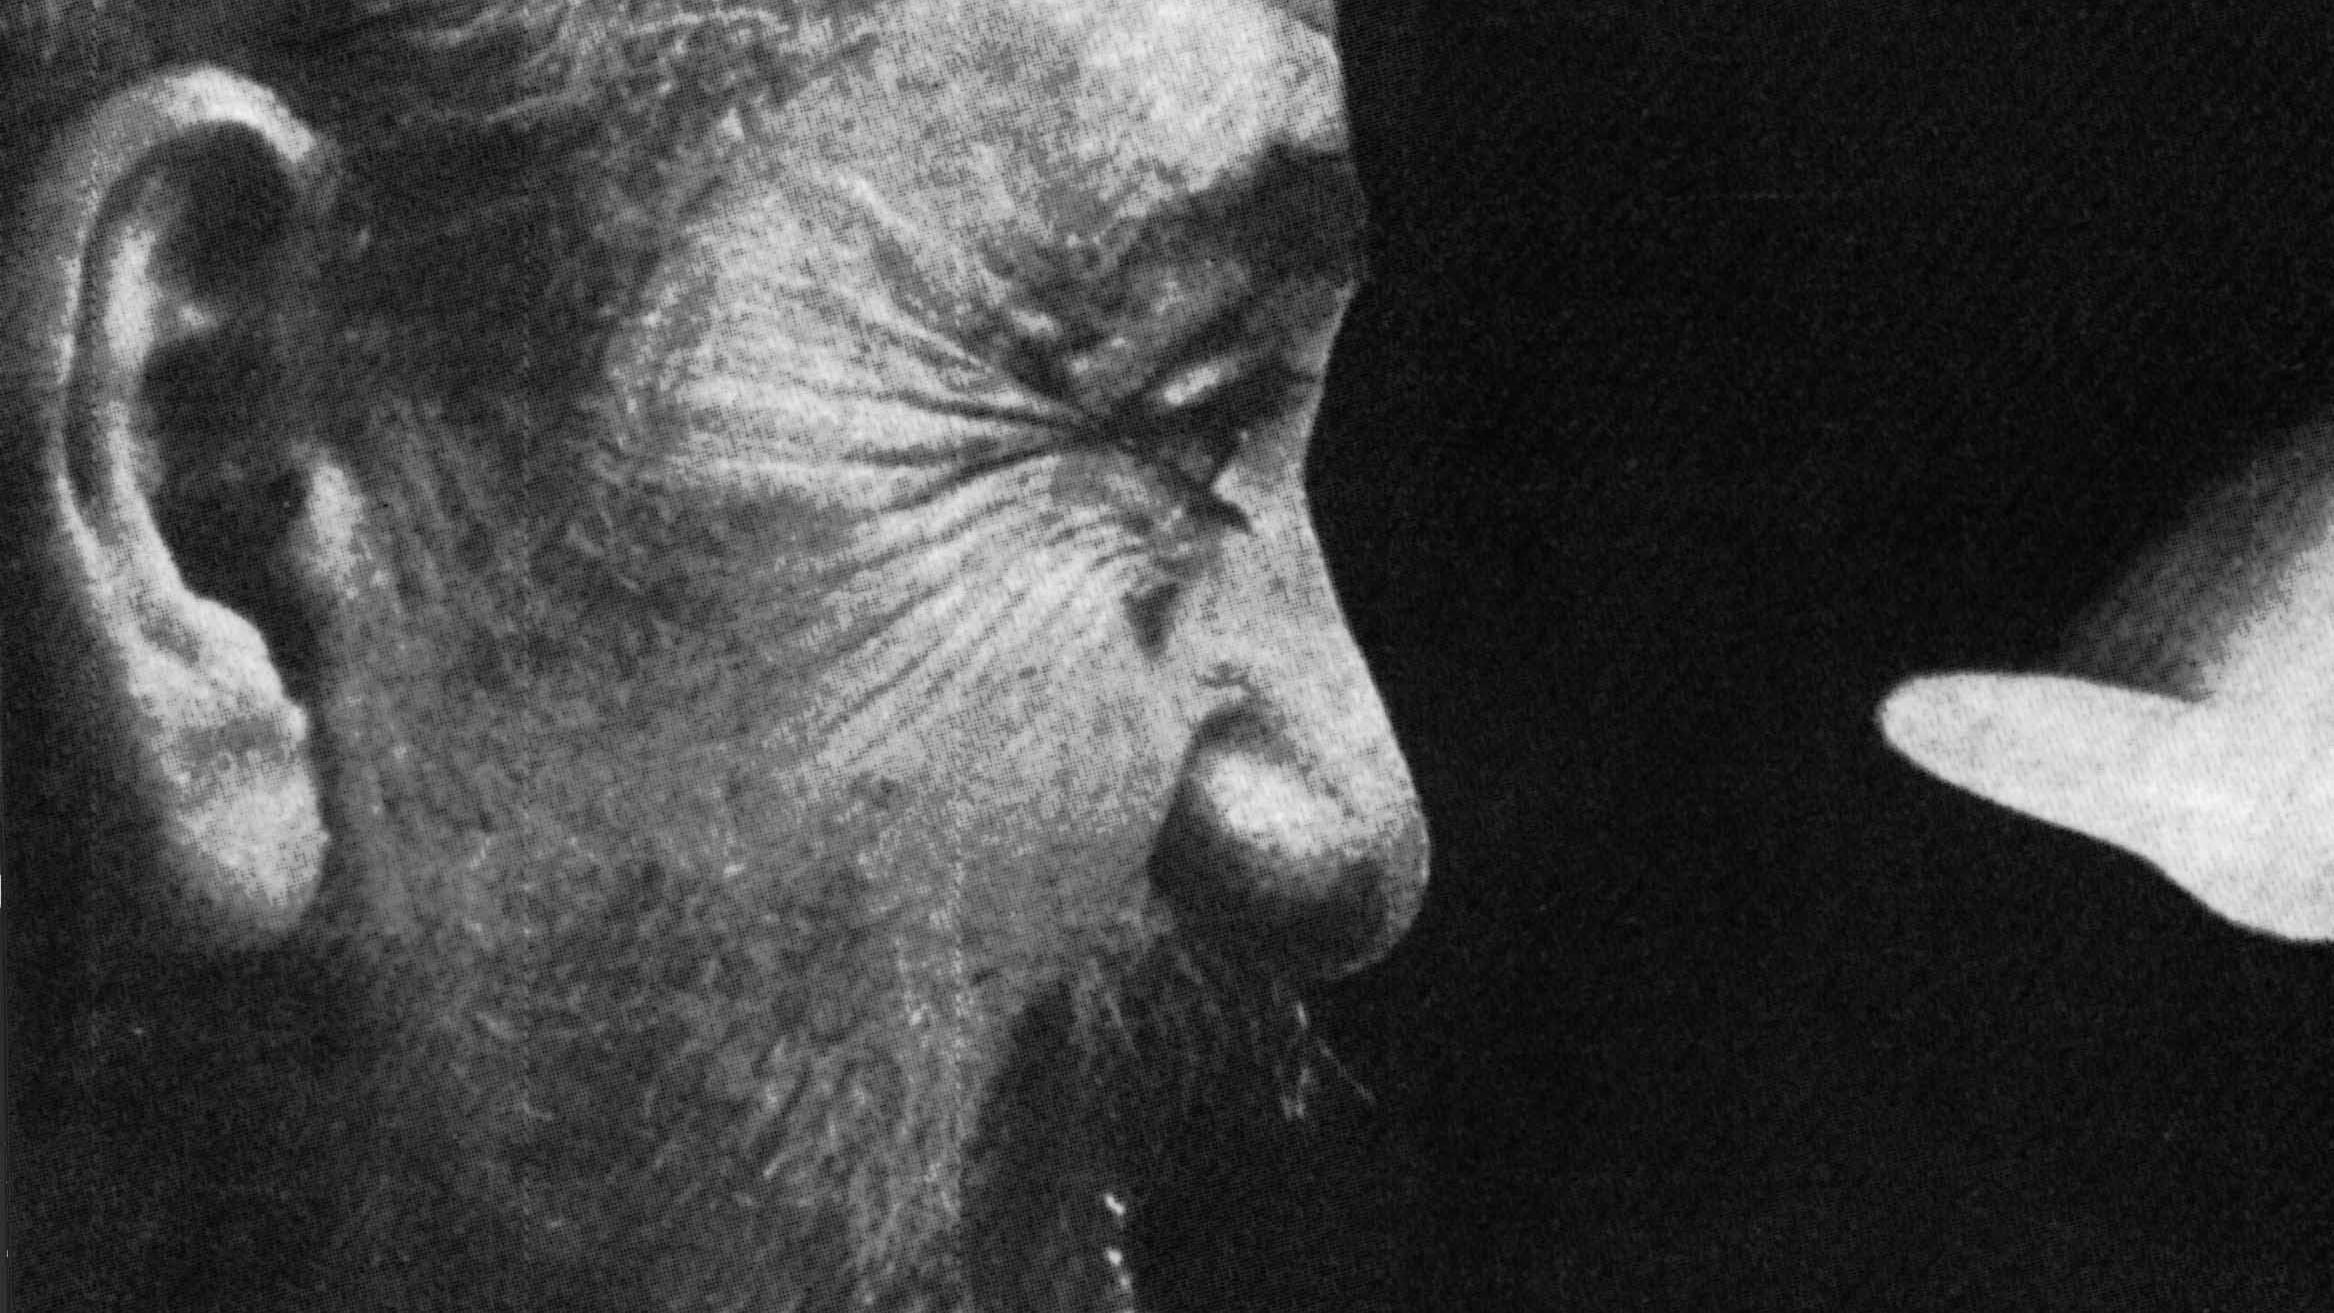 Oliverio Girondo a 50 años de su muerte